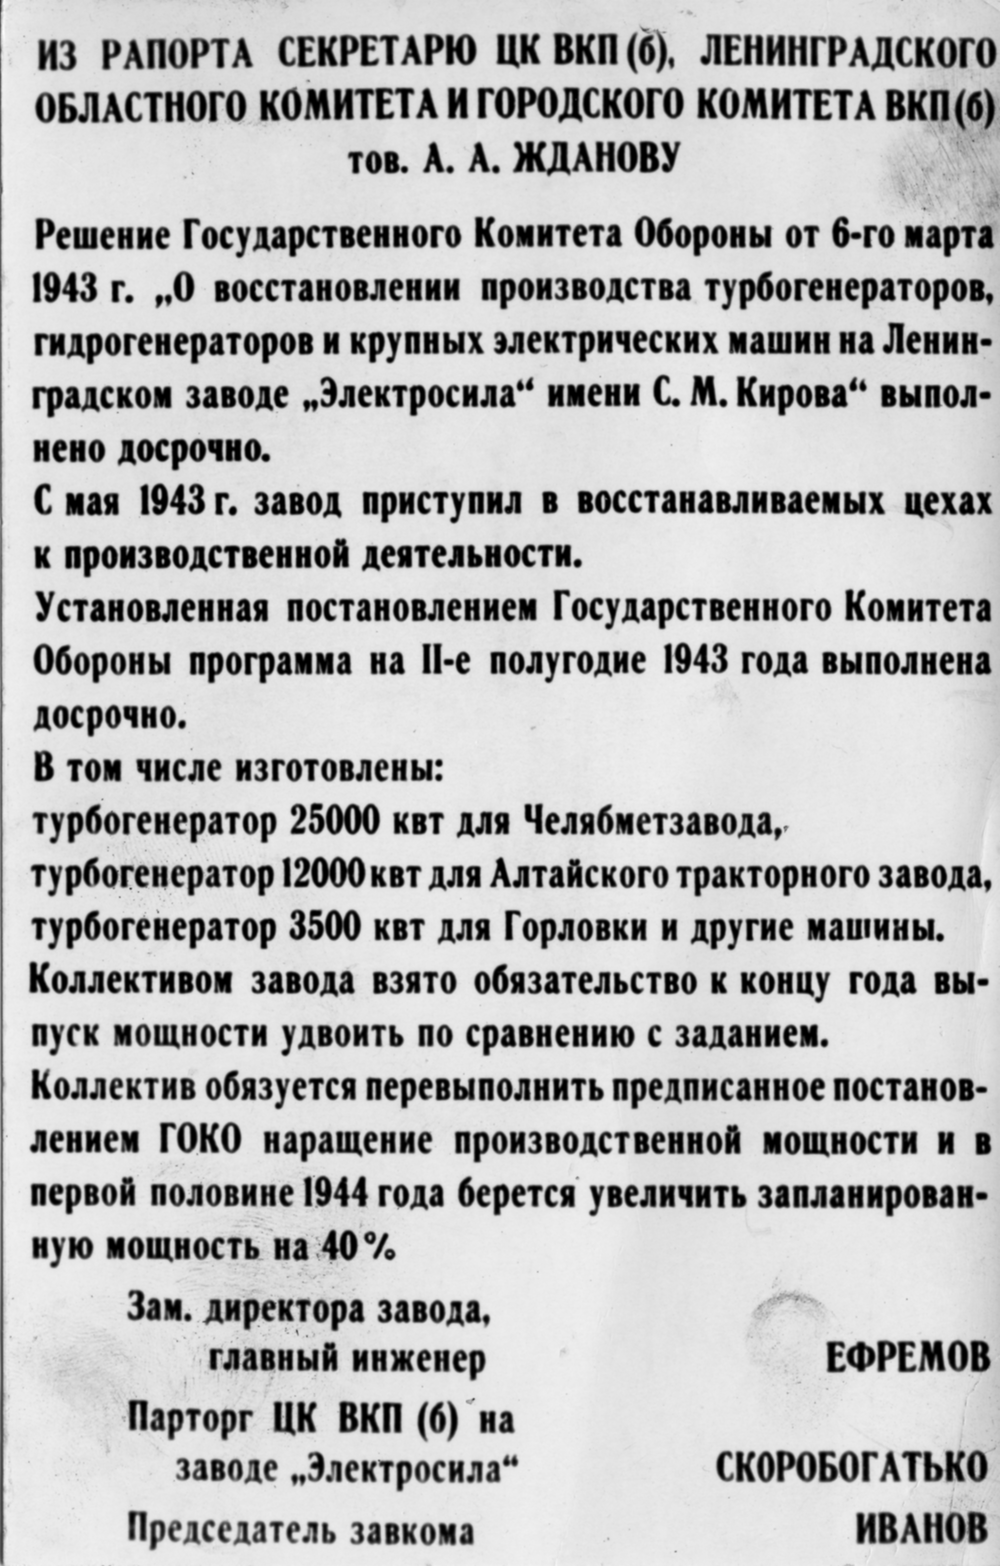 Рапорт А.А. Жданову. 1943 год